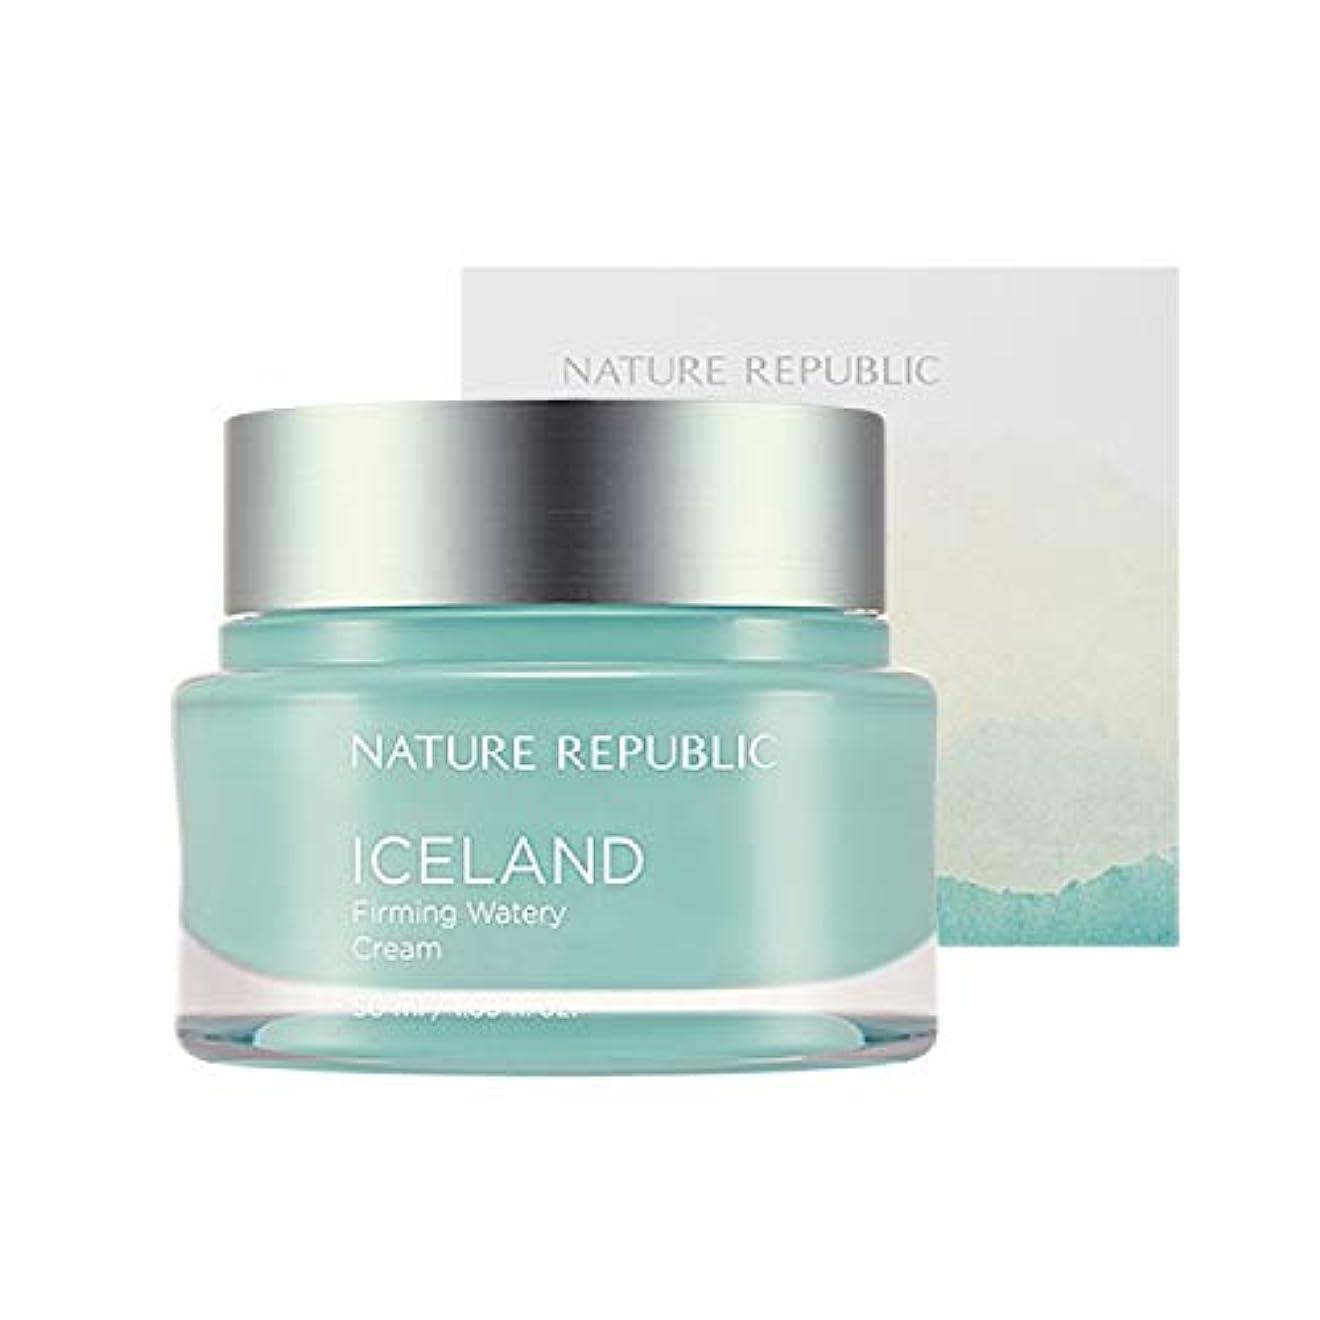 最後のシアー垂直ネイチャーリパブリック(Nature Republic)アイスファーミング水分クリーム50ml / Iceland Firming Watery Cream 50ml :: 韓国コスメ [並行輸入品]